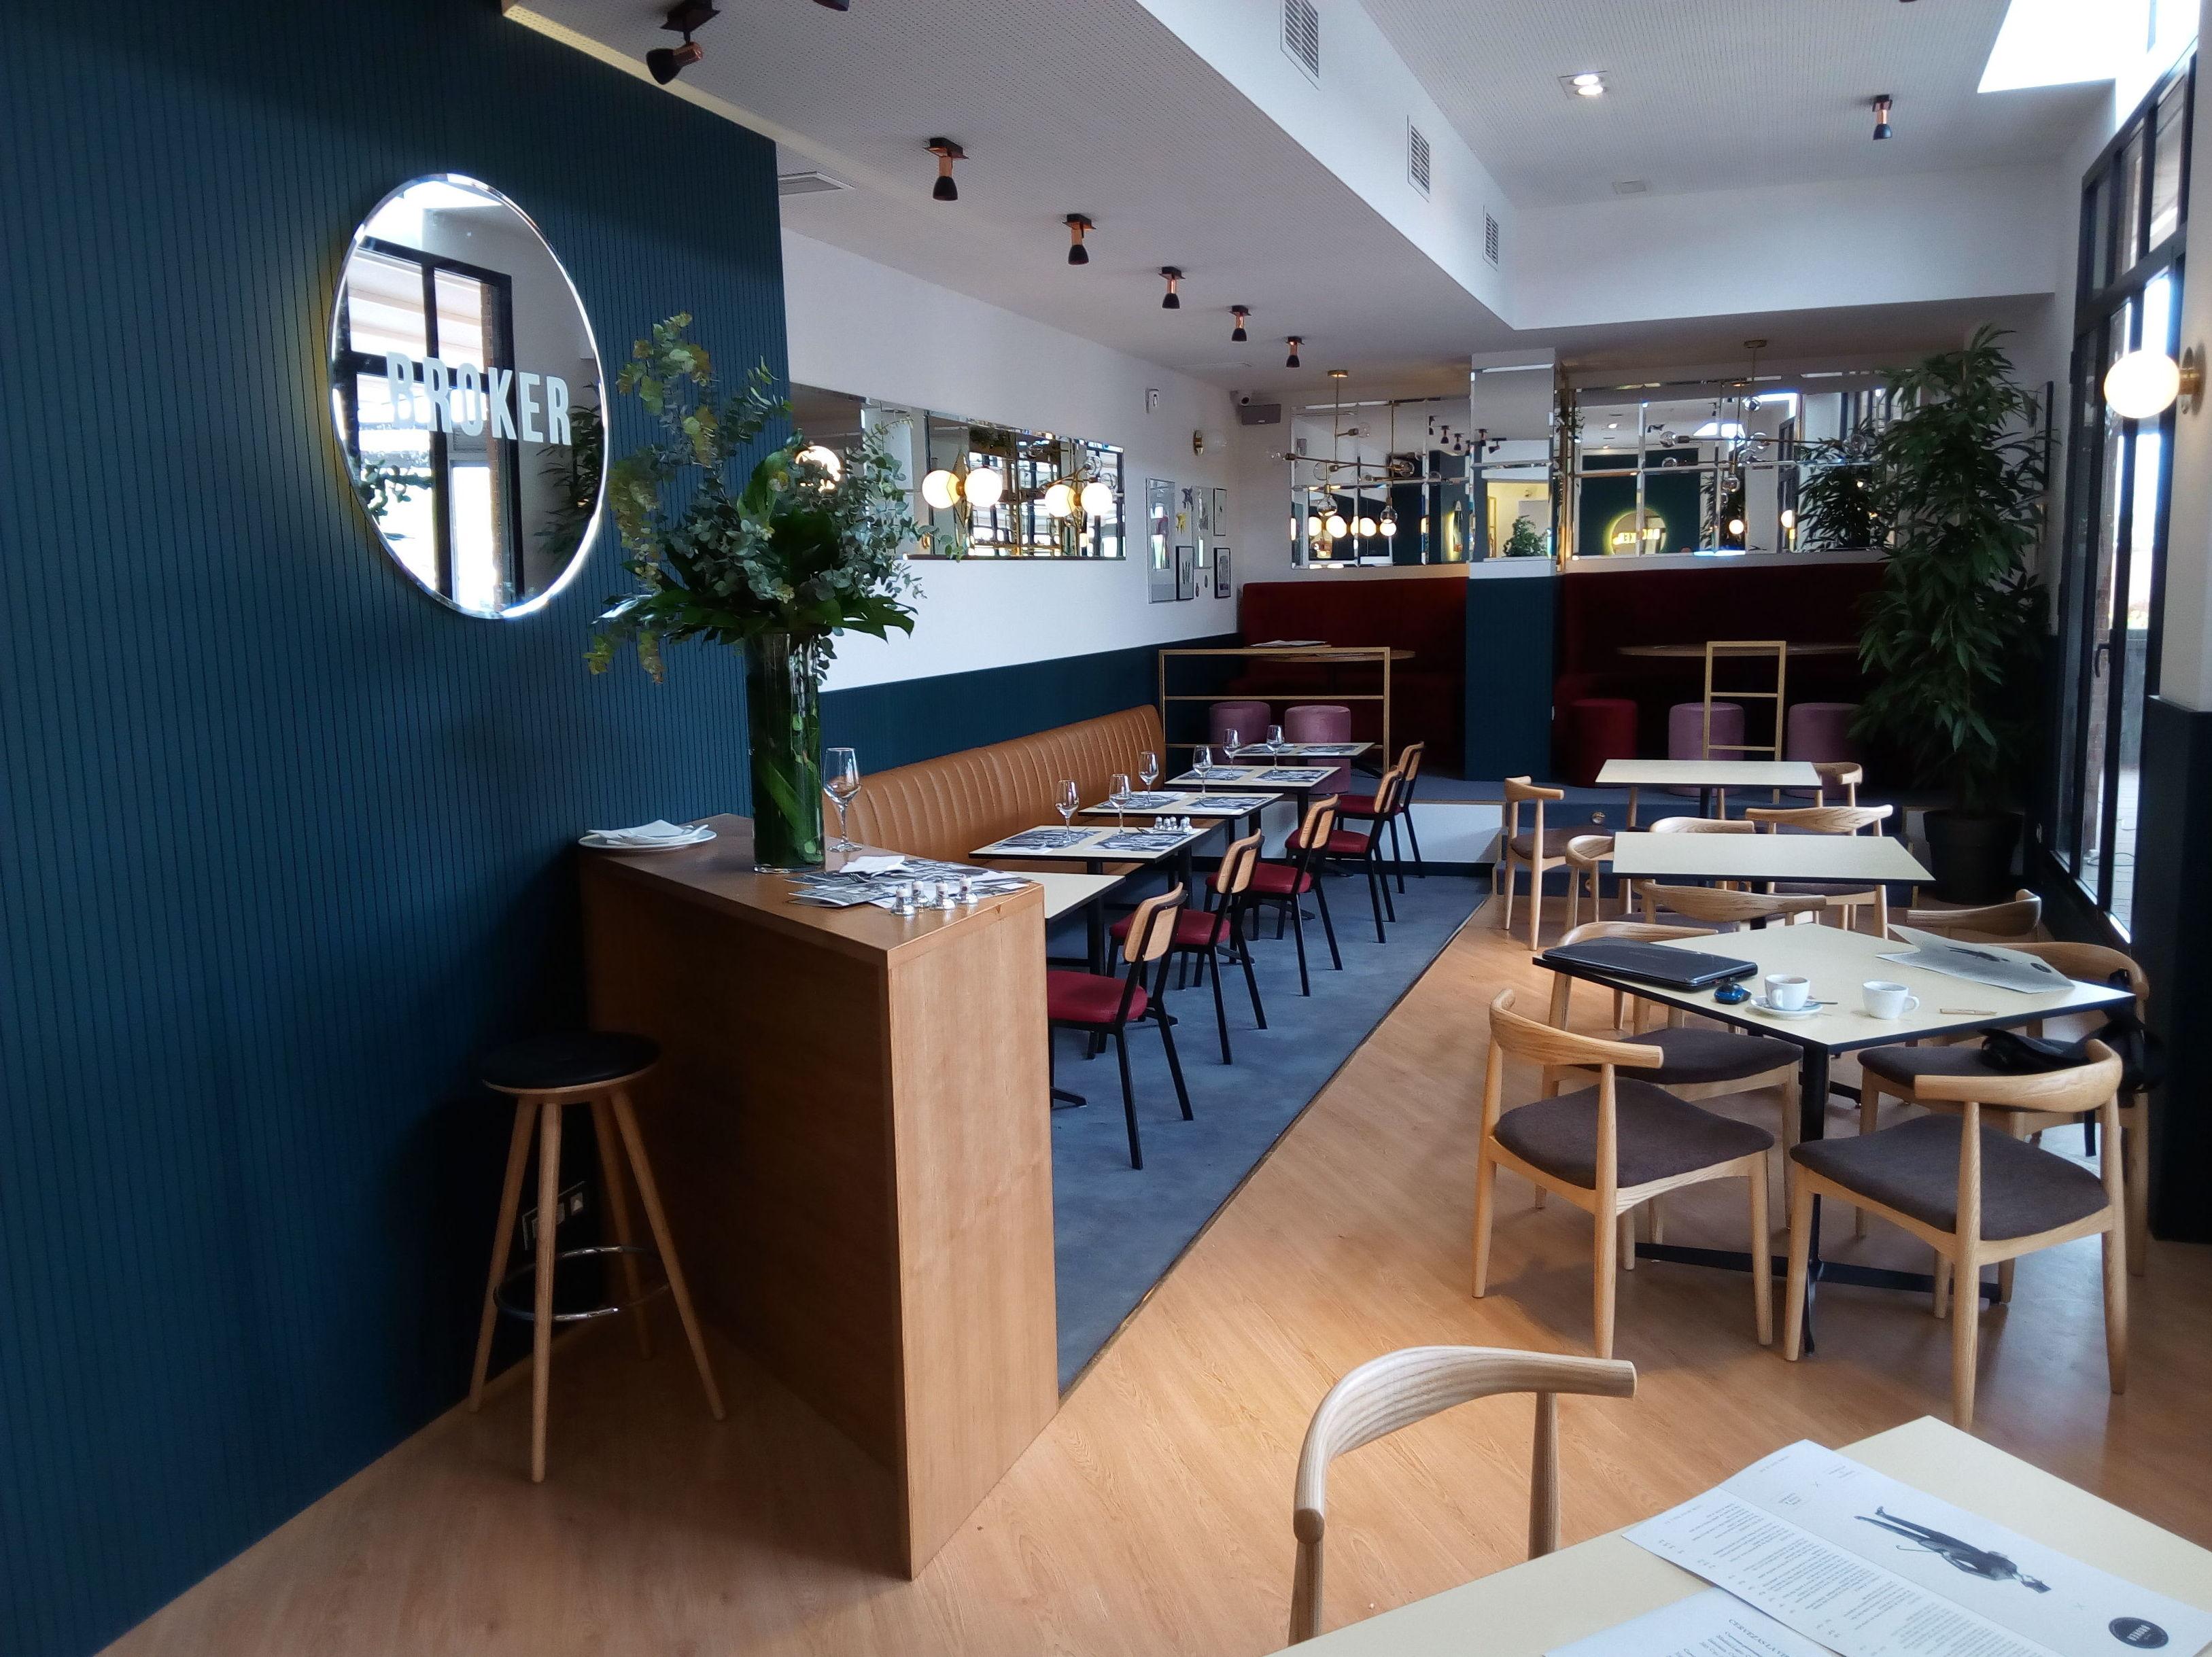 Diseño del interior de un restaurante